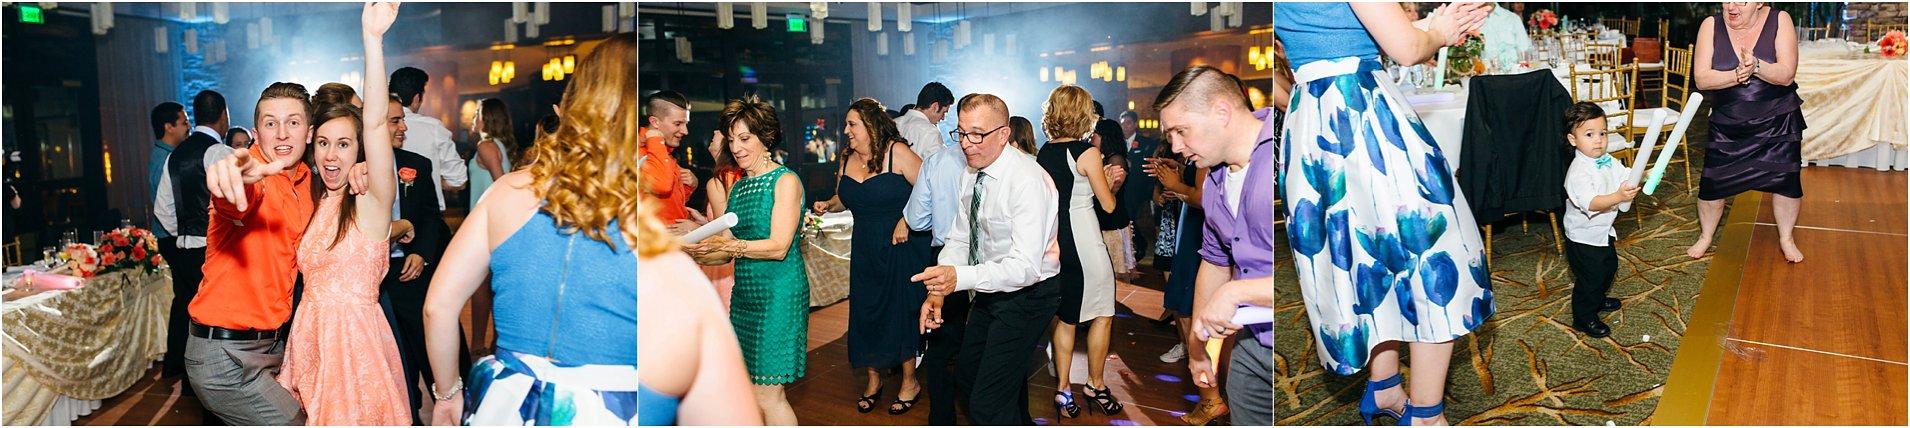 dancing photos at temecula wedding